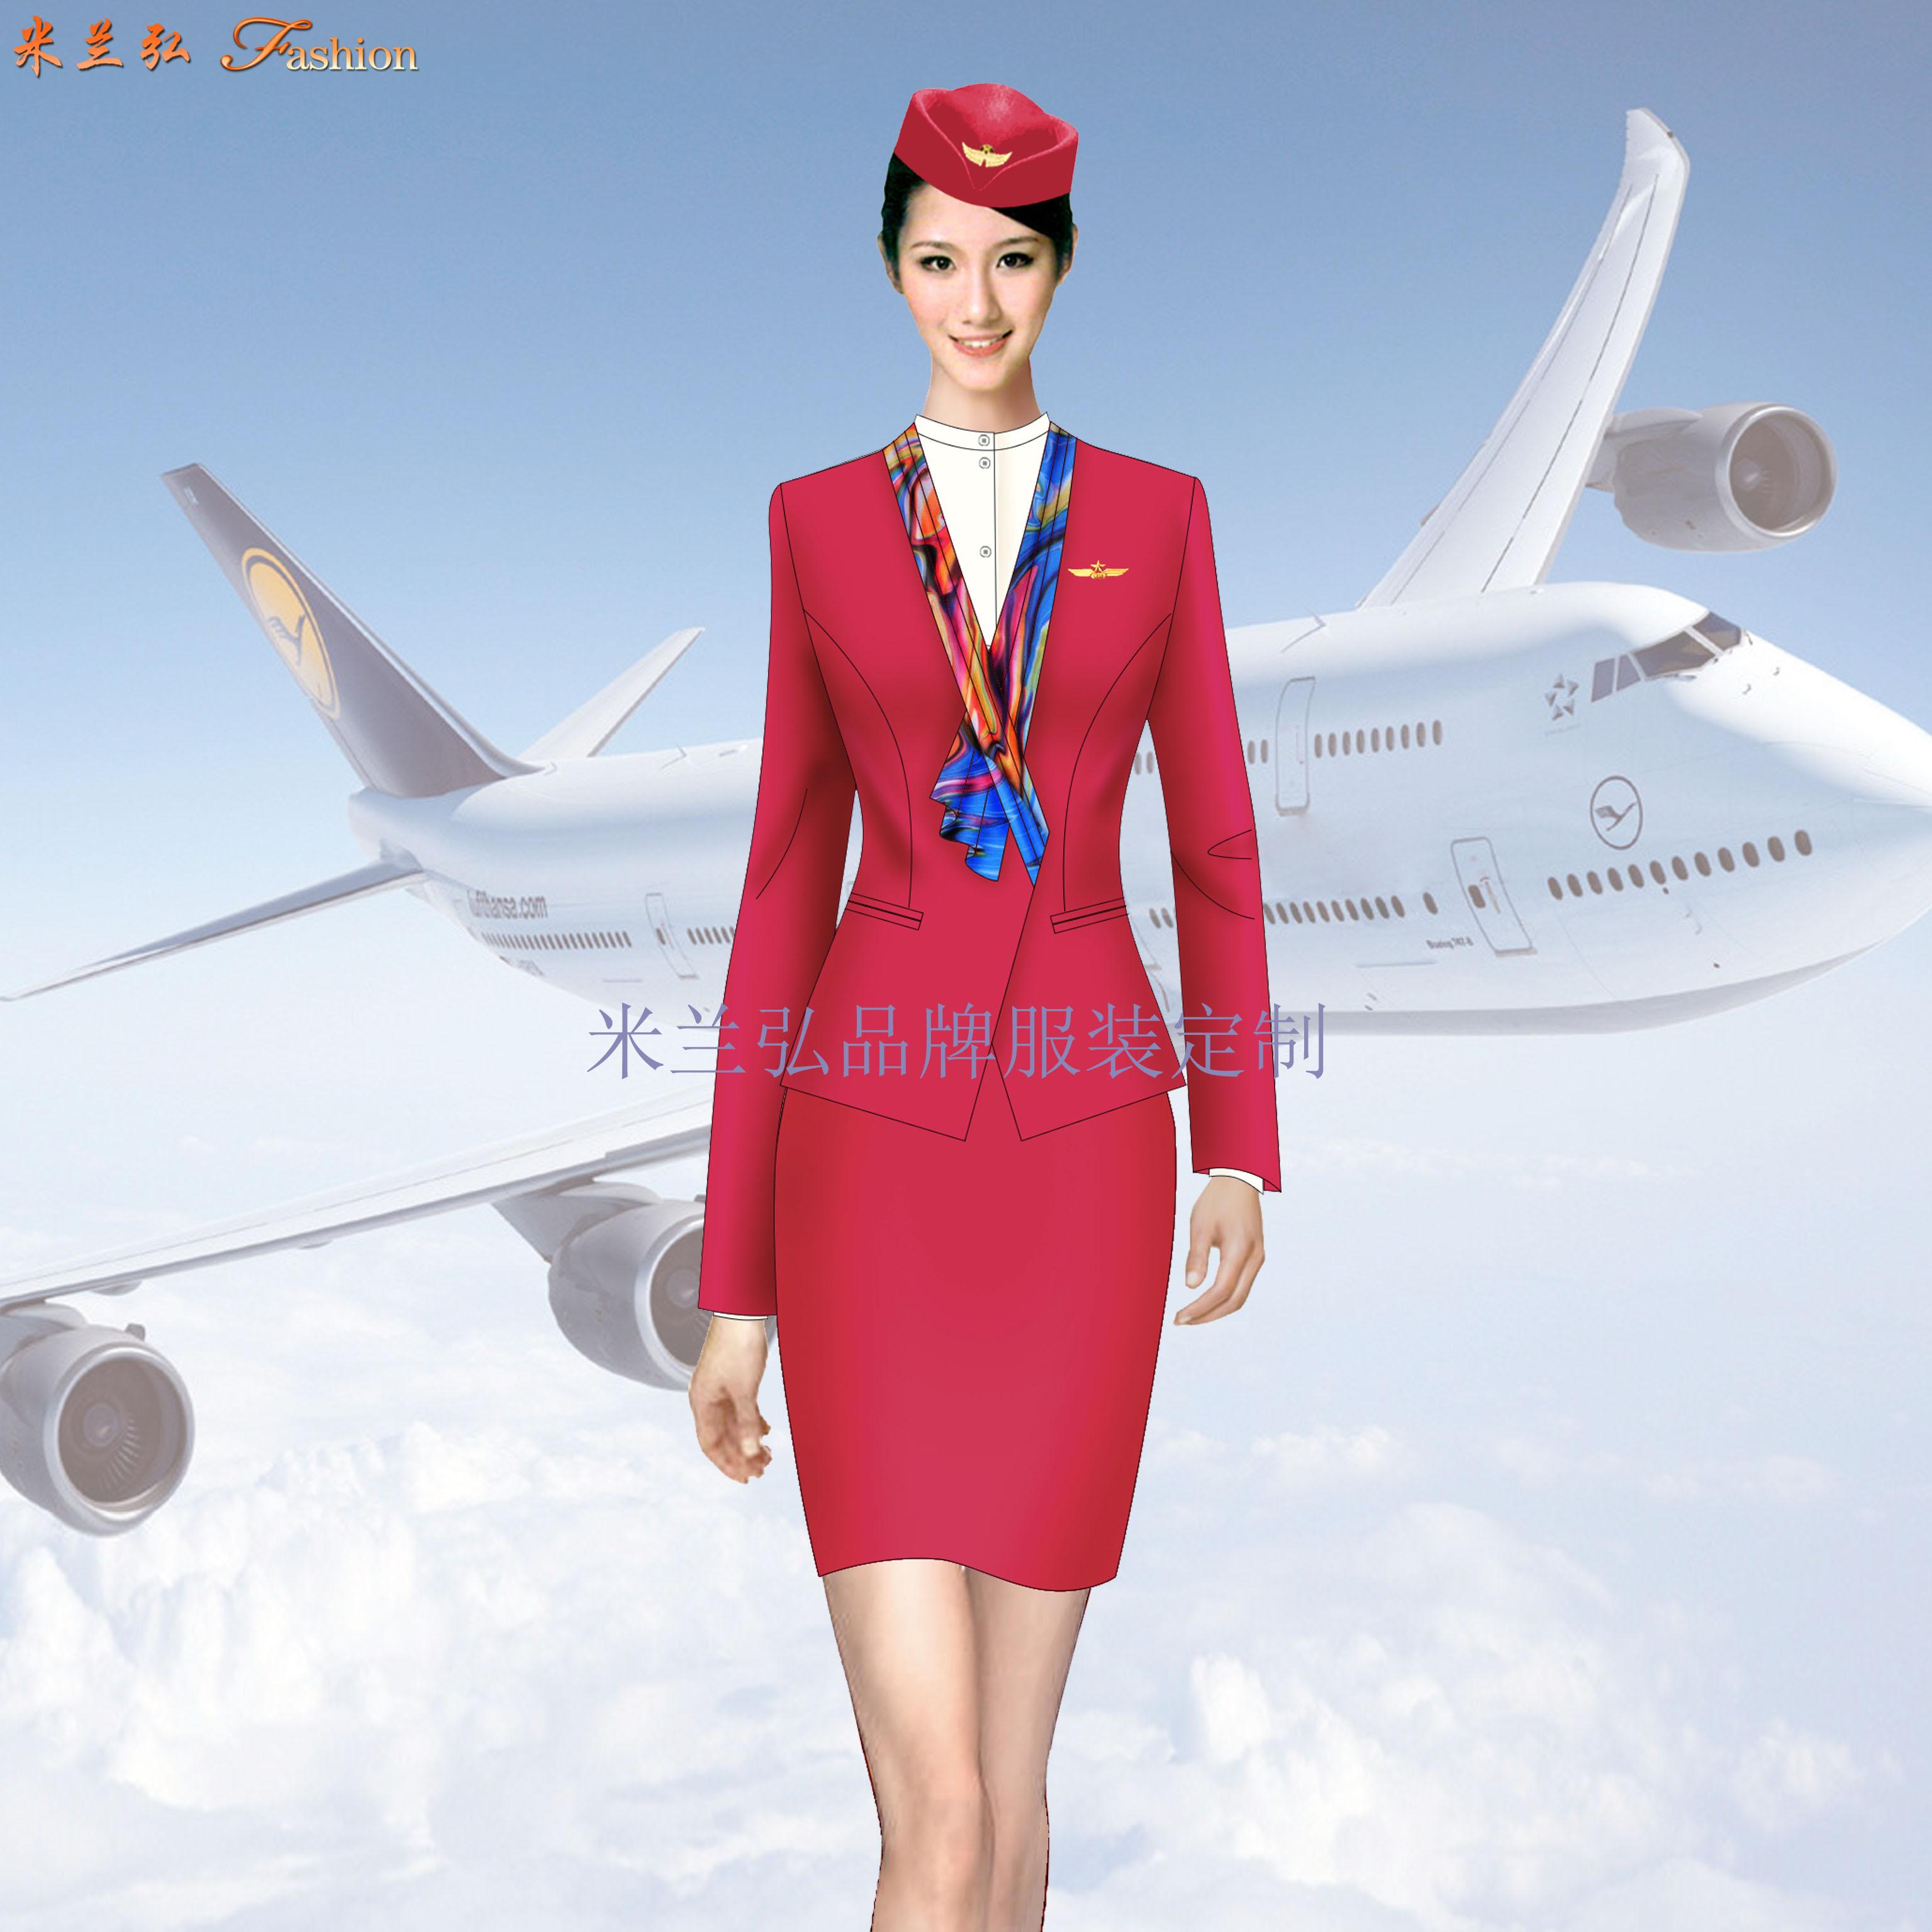 安徽空姐服定制-航空乘務員職業裝圖片-米蘭弘廠家-2